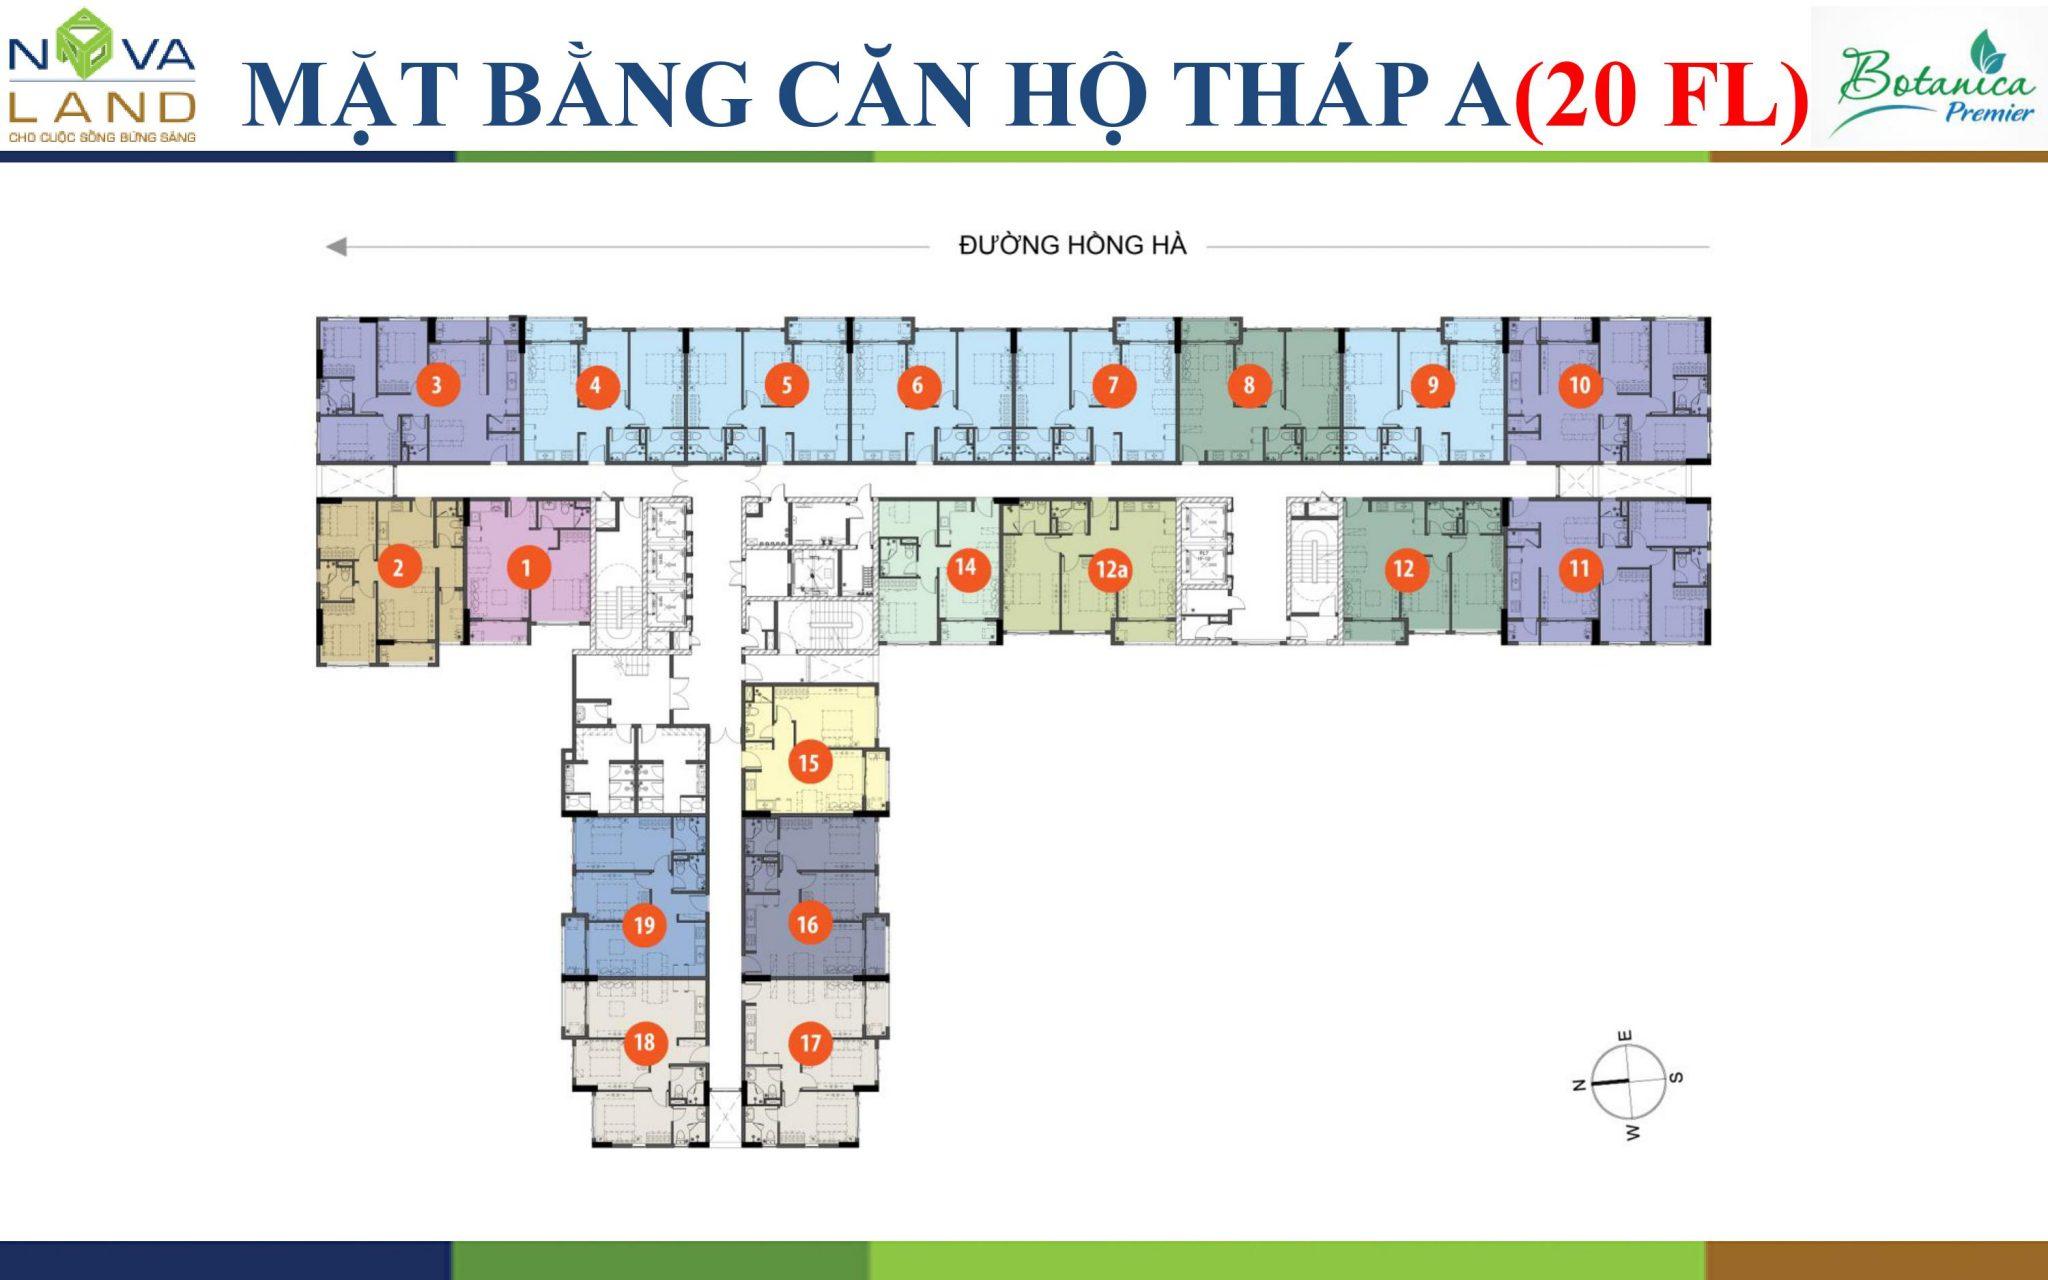 mat-bang-thap-a-botanica-premier-20